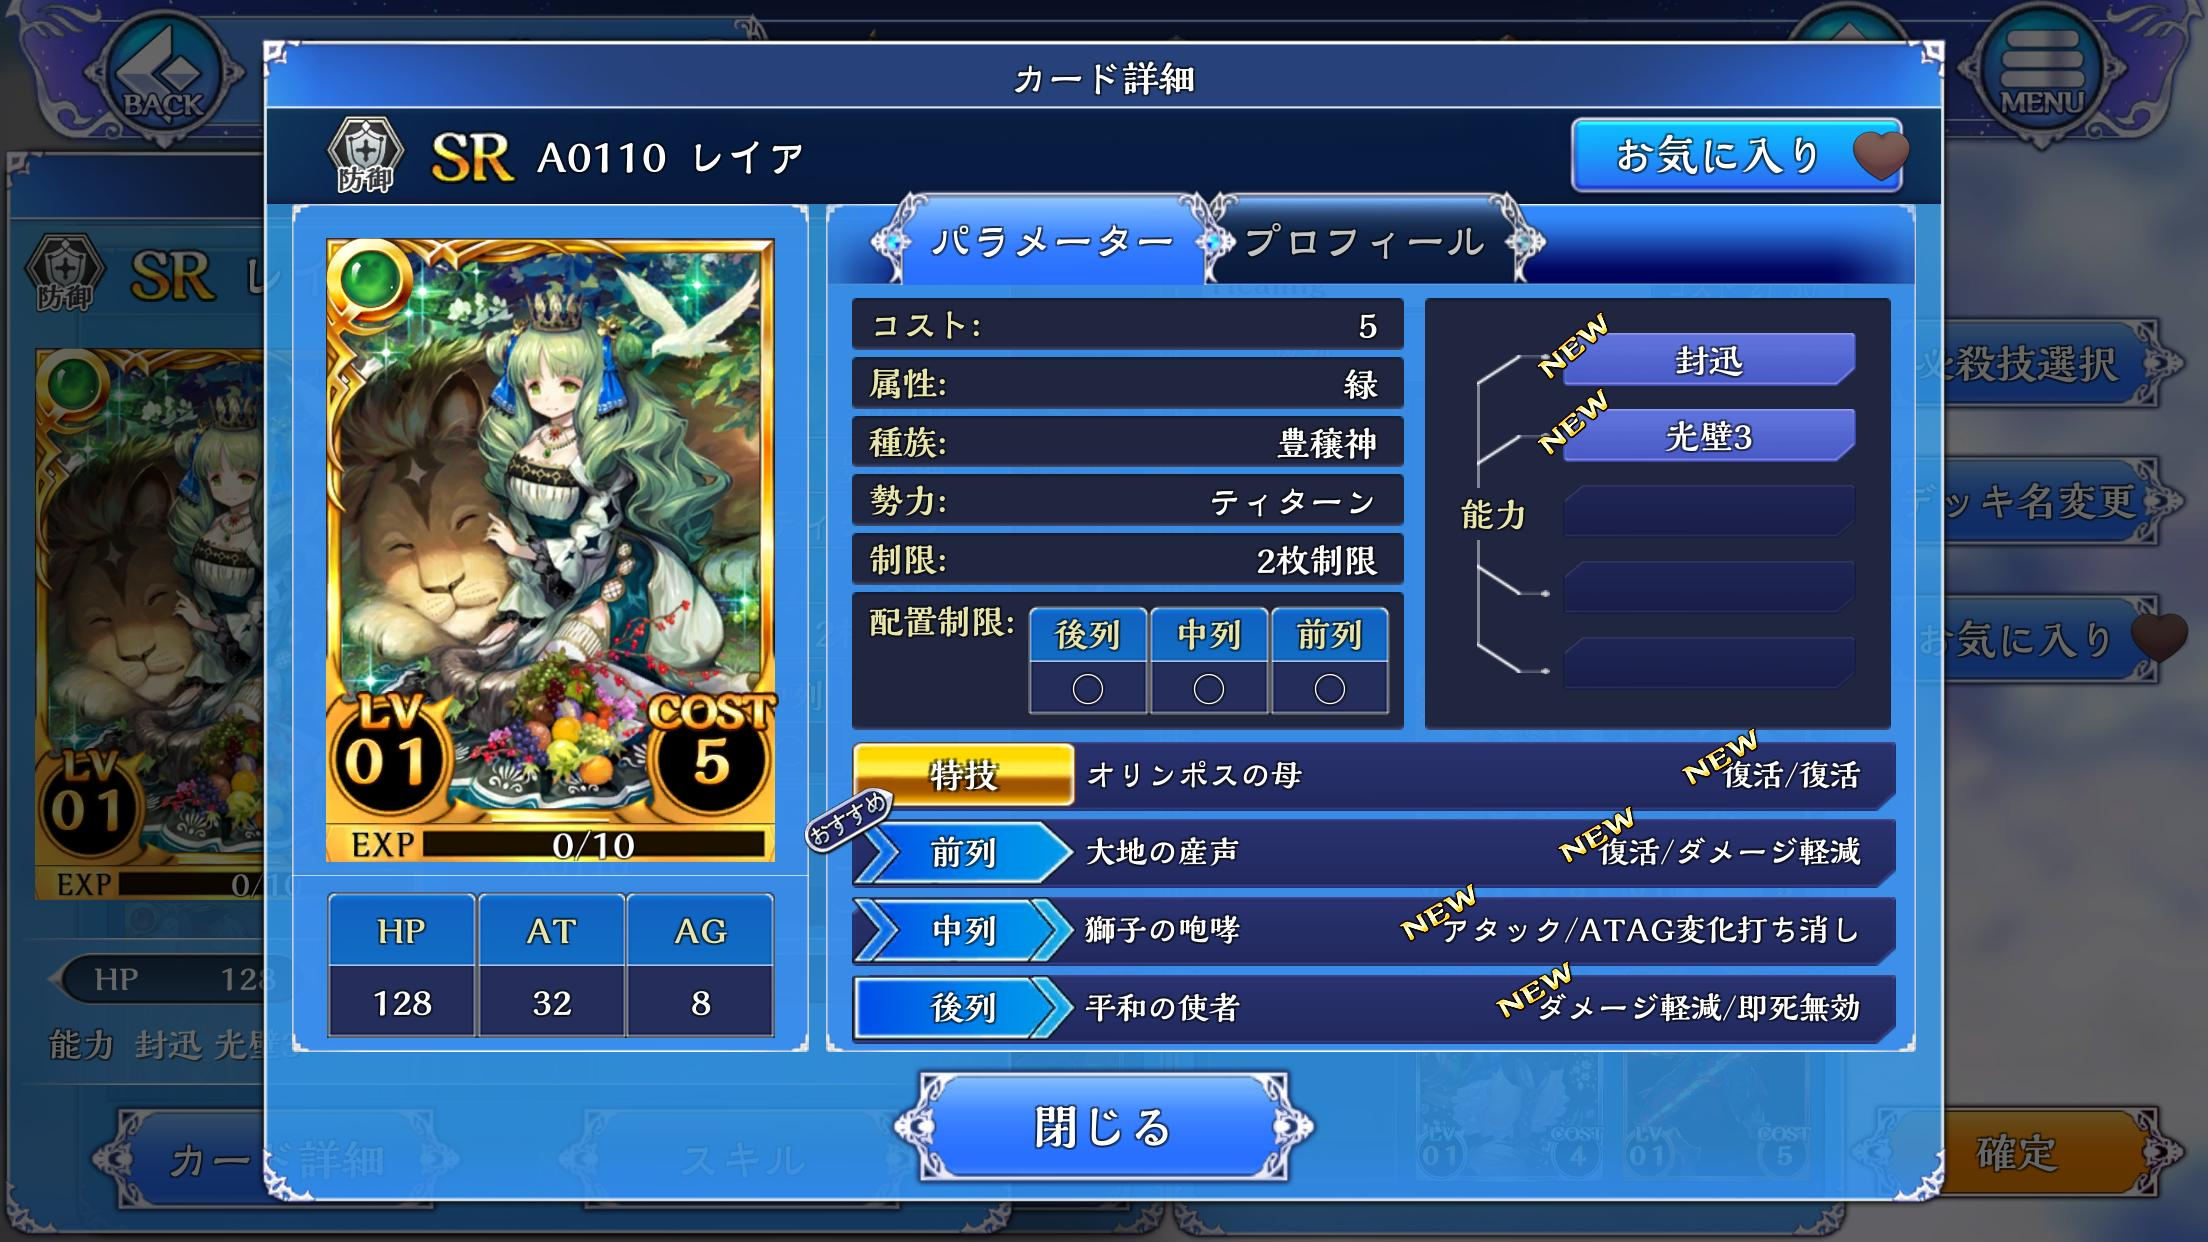 蒼天のスカイガレオン 20.56.10537 Screenshot 7